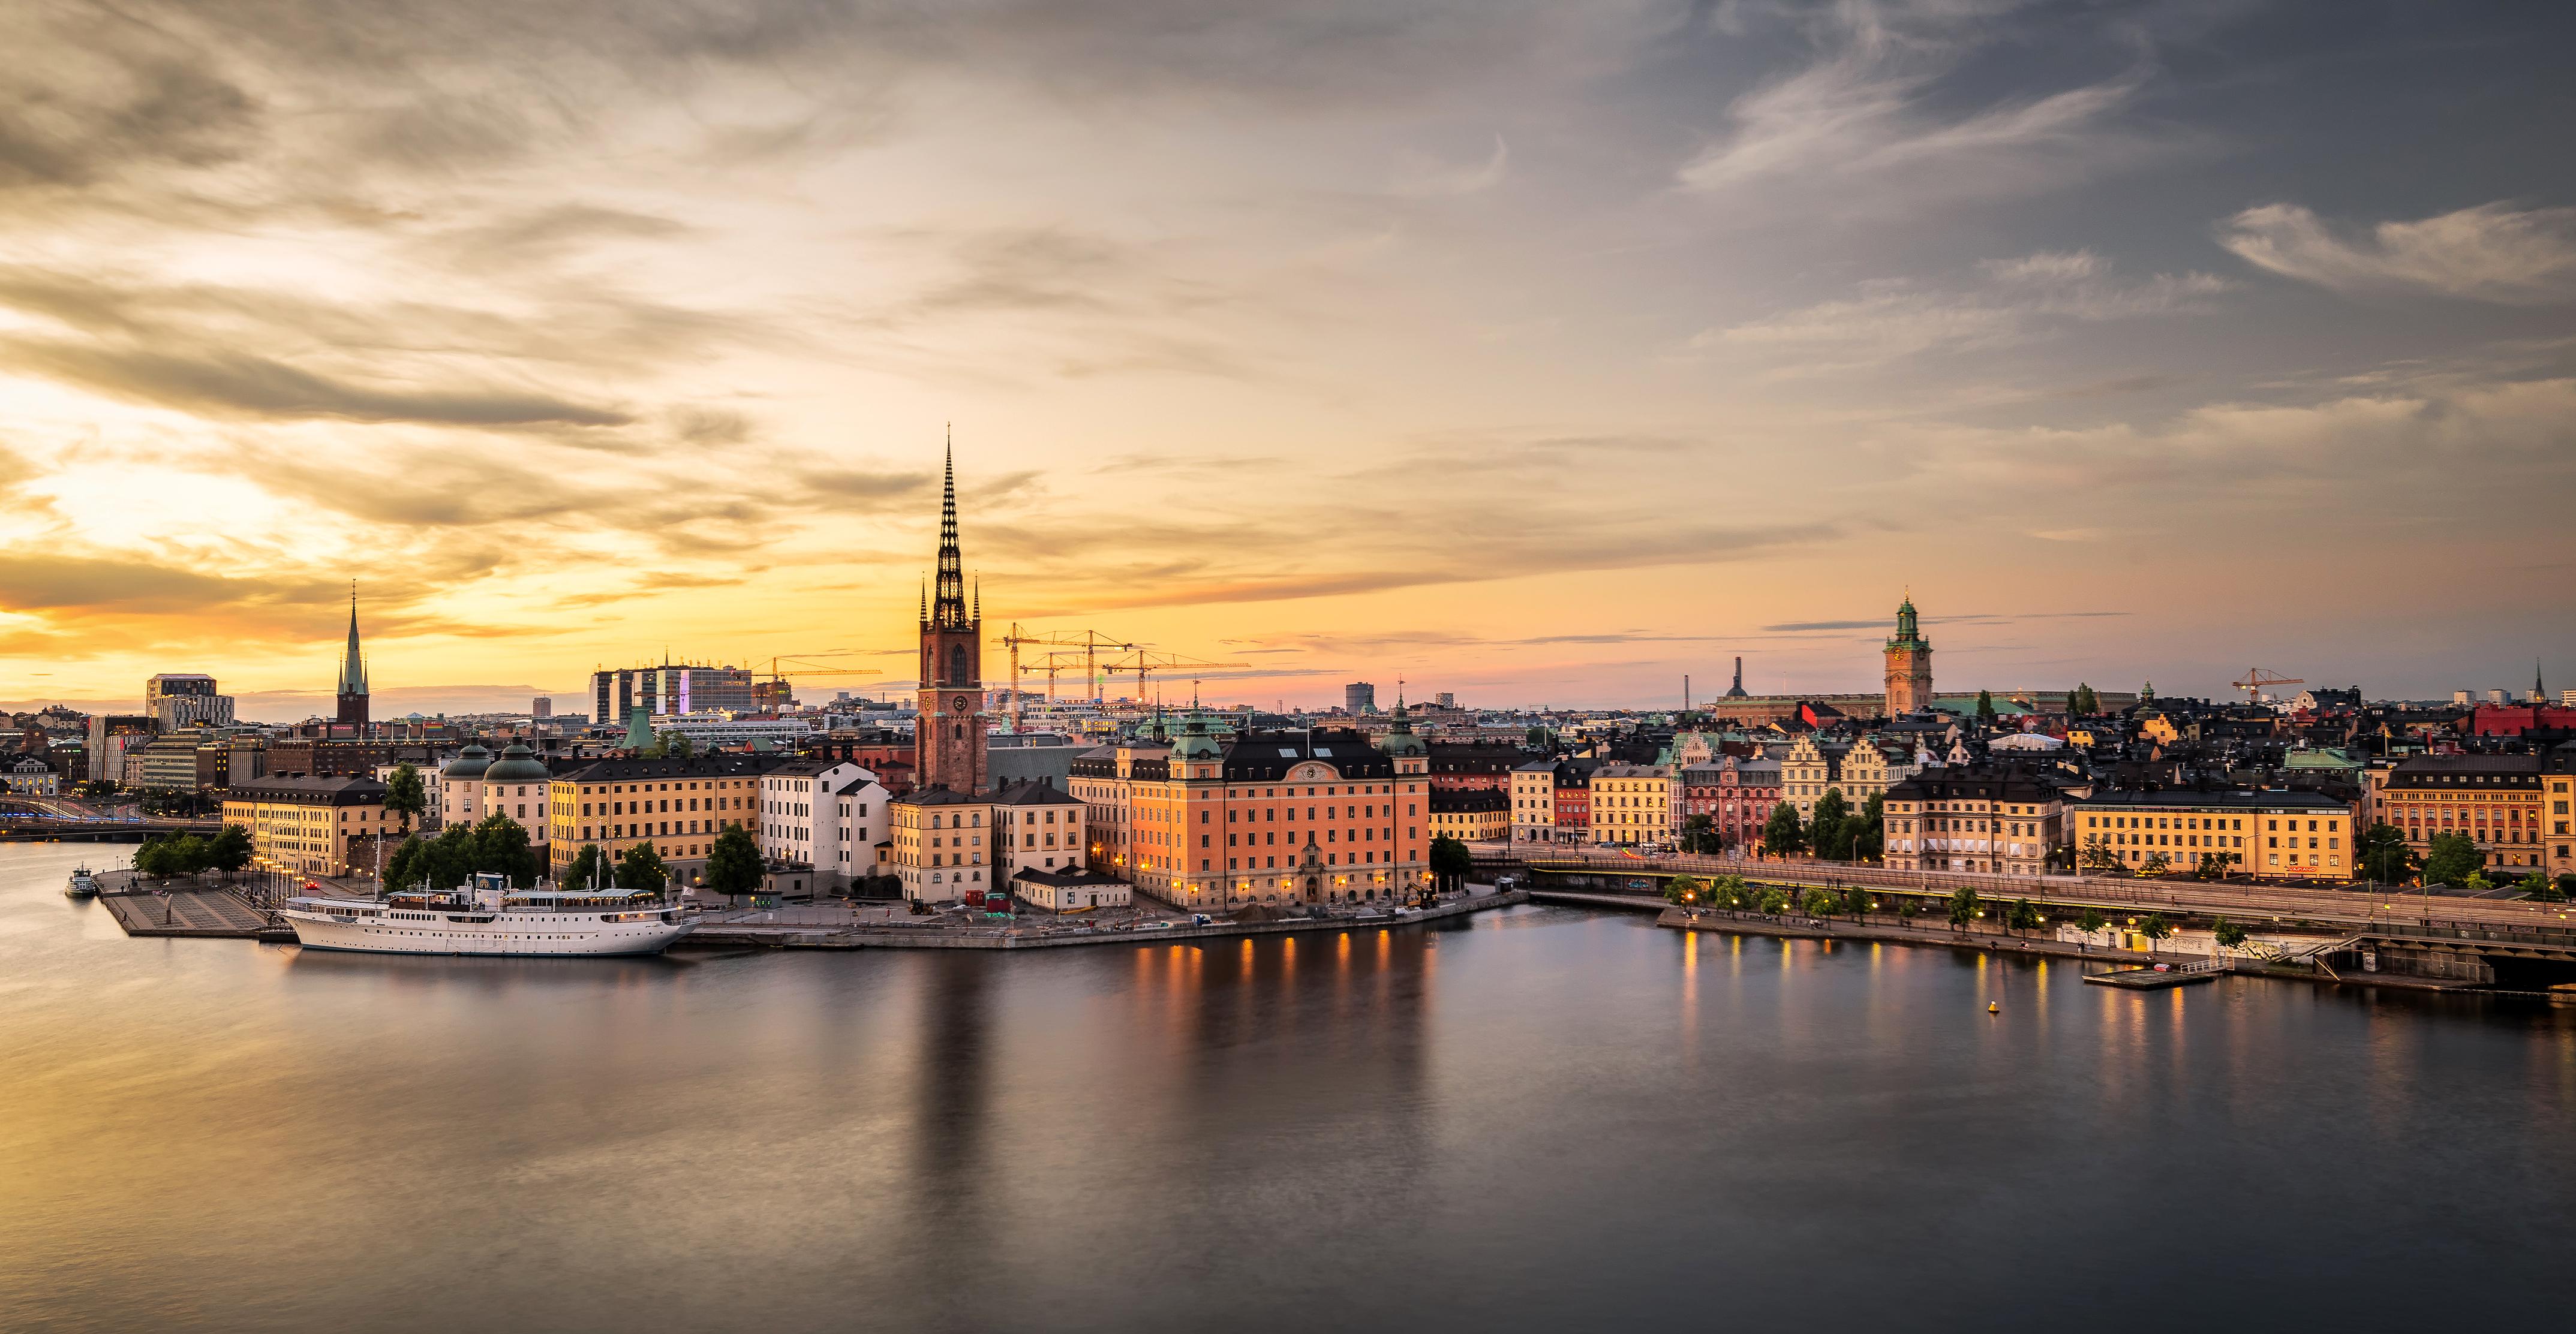 Stockholm 4k Ultra Hd Wallpaper Background Image HD Wallpapers Download Free Images Wallpaper [1000image.com]